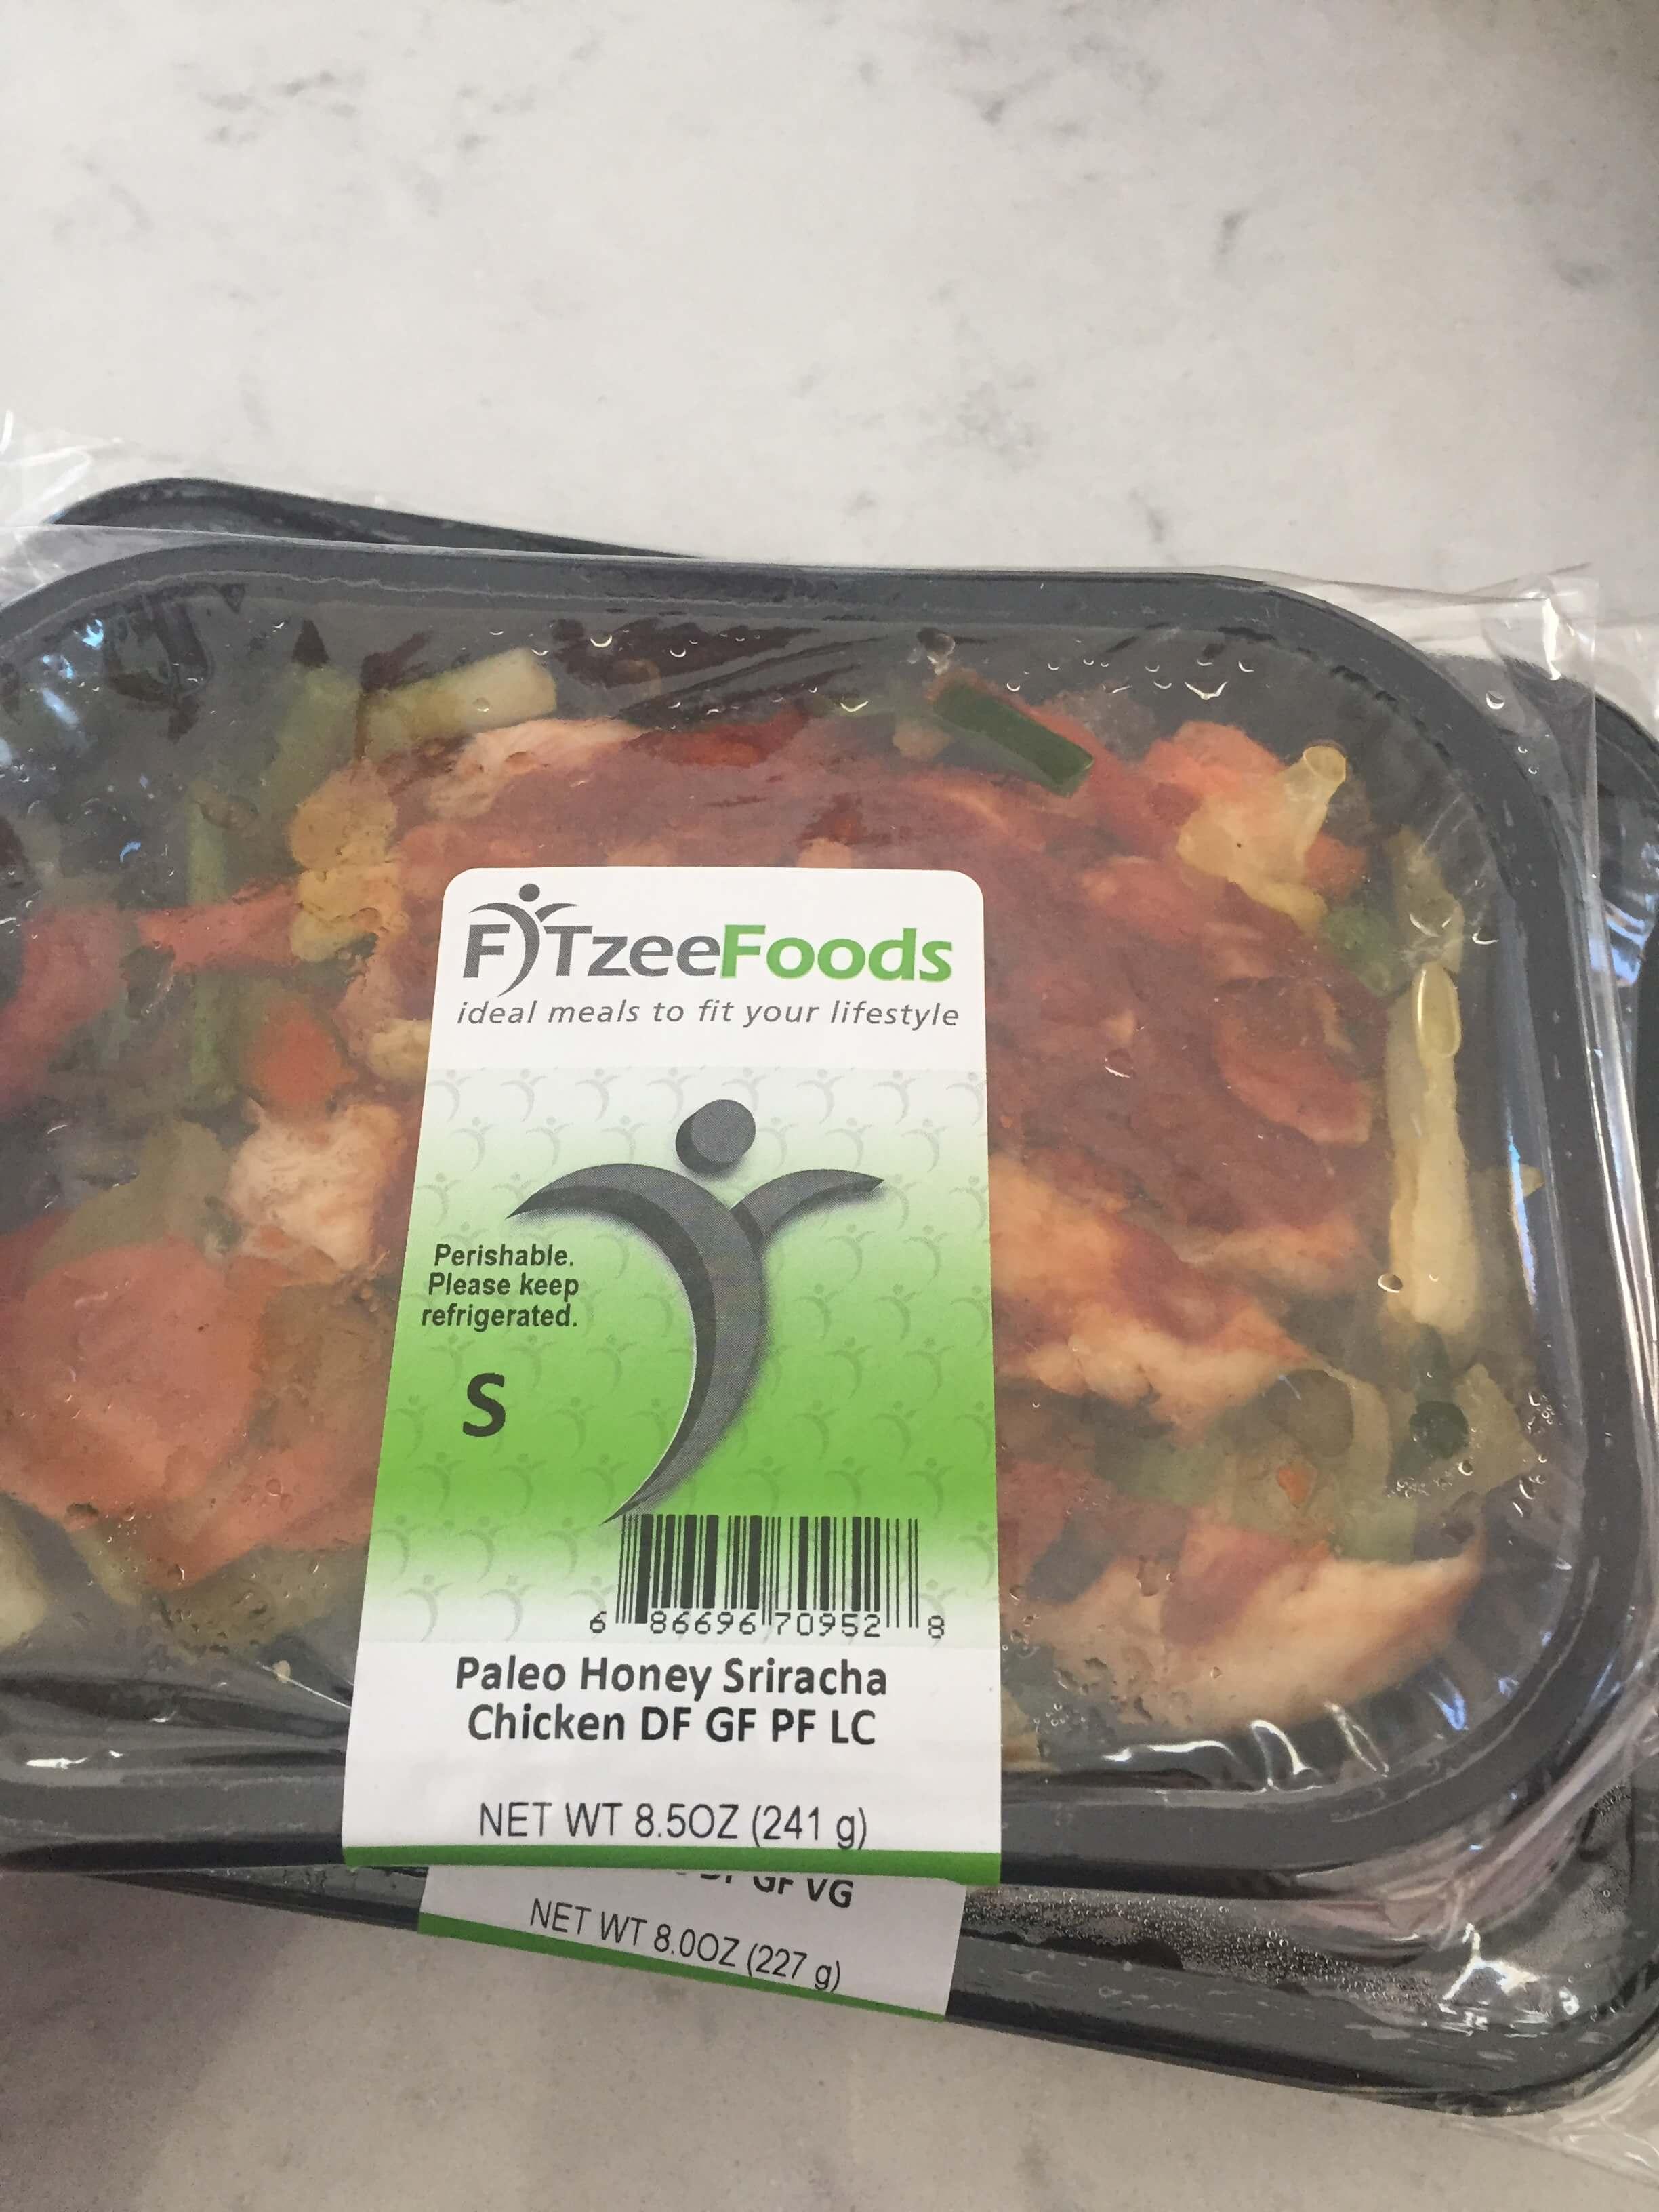 Fitzee Foods